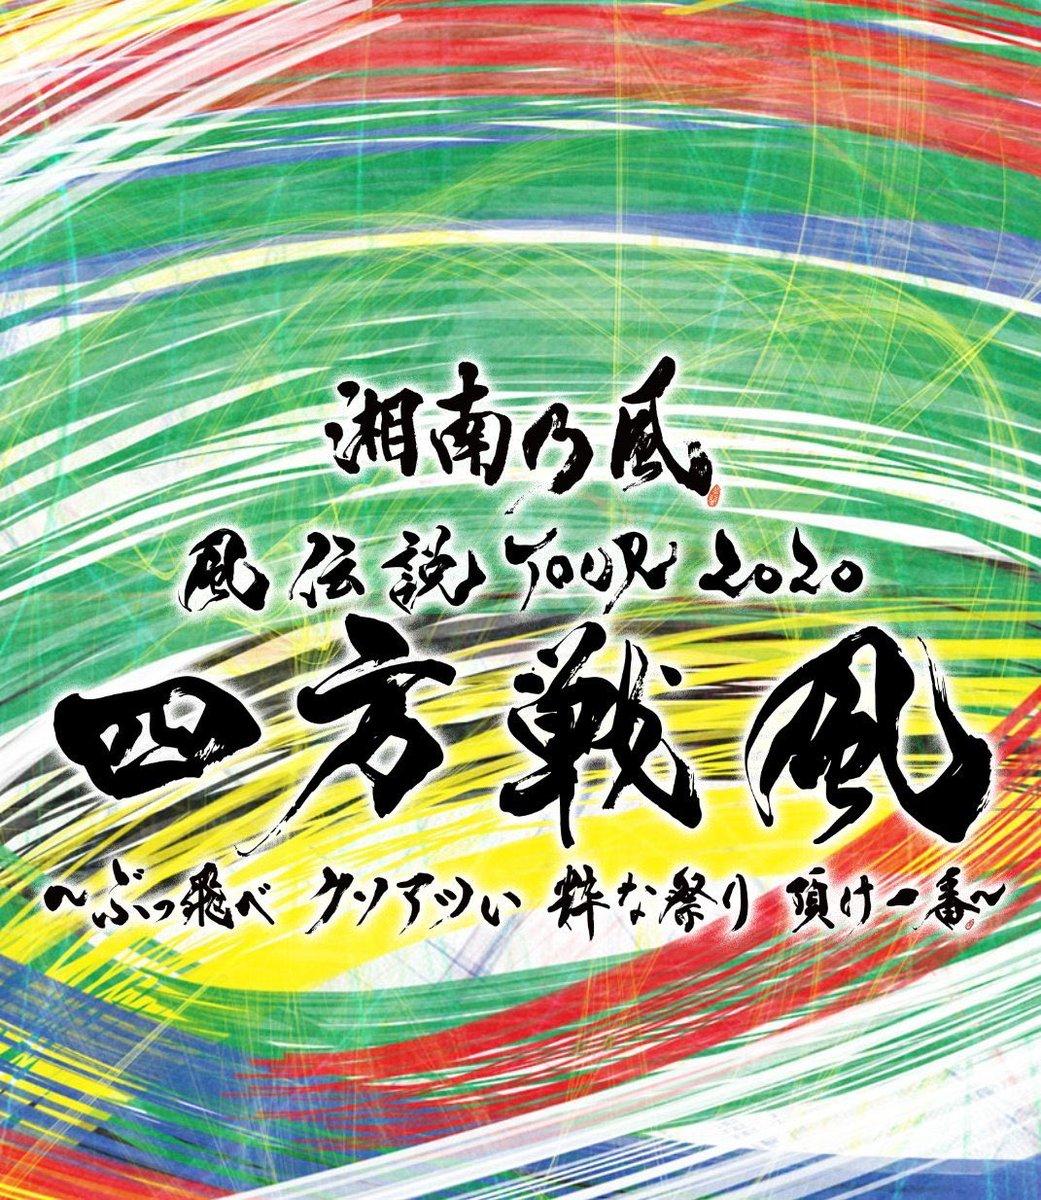 湘南 乃風 ライブ チケット